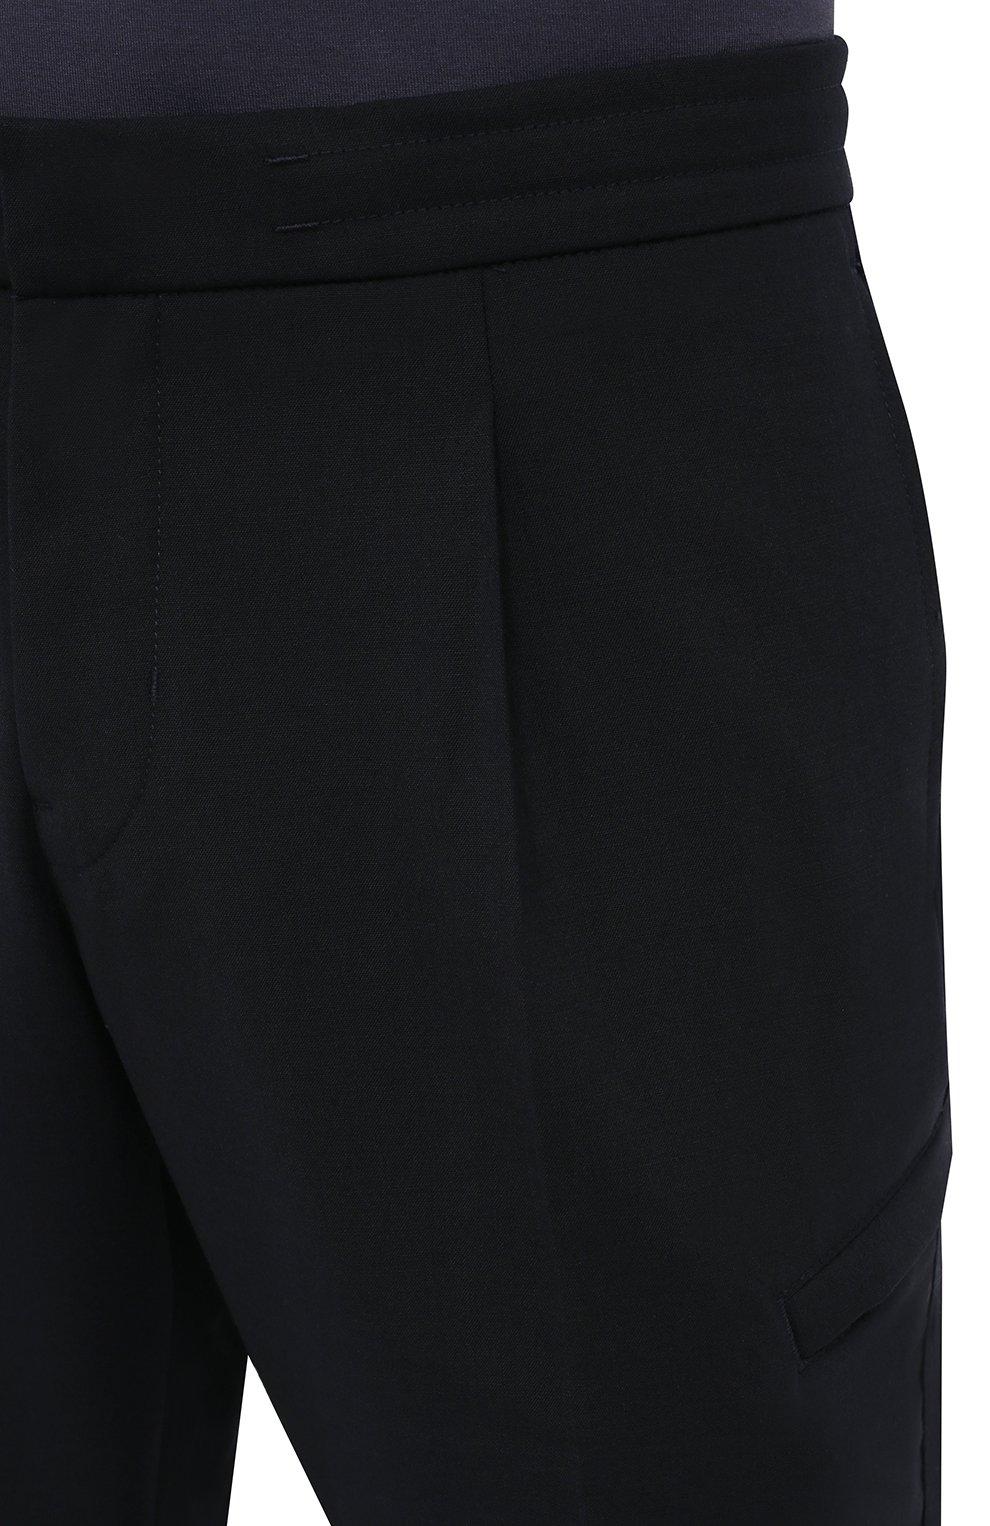 Мужские брюки BOGNER темно-синего цвета, арт. 18483283   Фото 5 (Материал внешний: Шерсть, Синтетический материал; Длина (брюки, джинсы): Стандартные; Случай: Повседневный; Материал подклада: Синтетический материал; Стили: Кэжуэл)